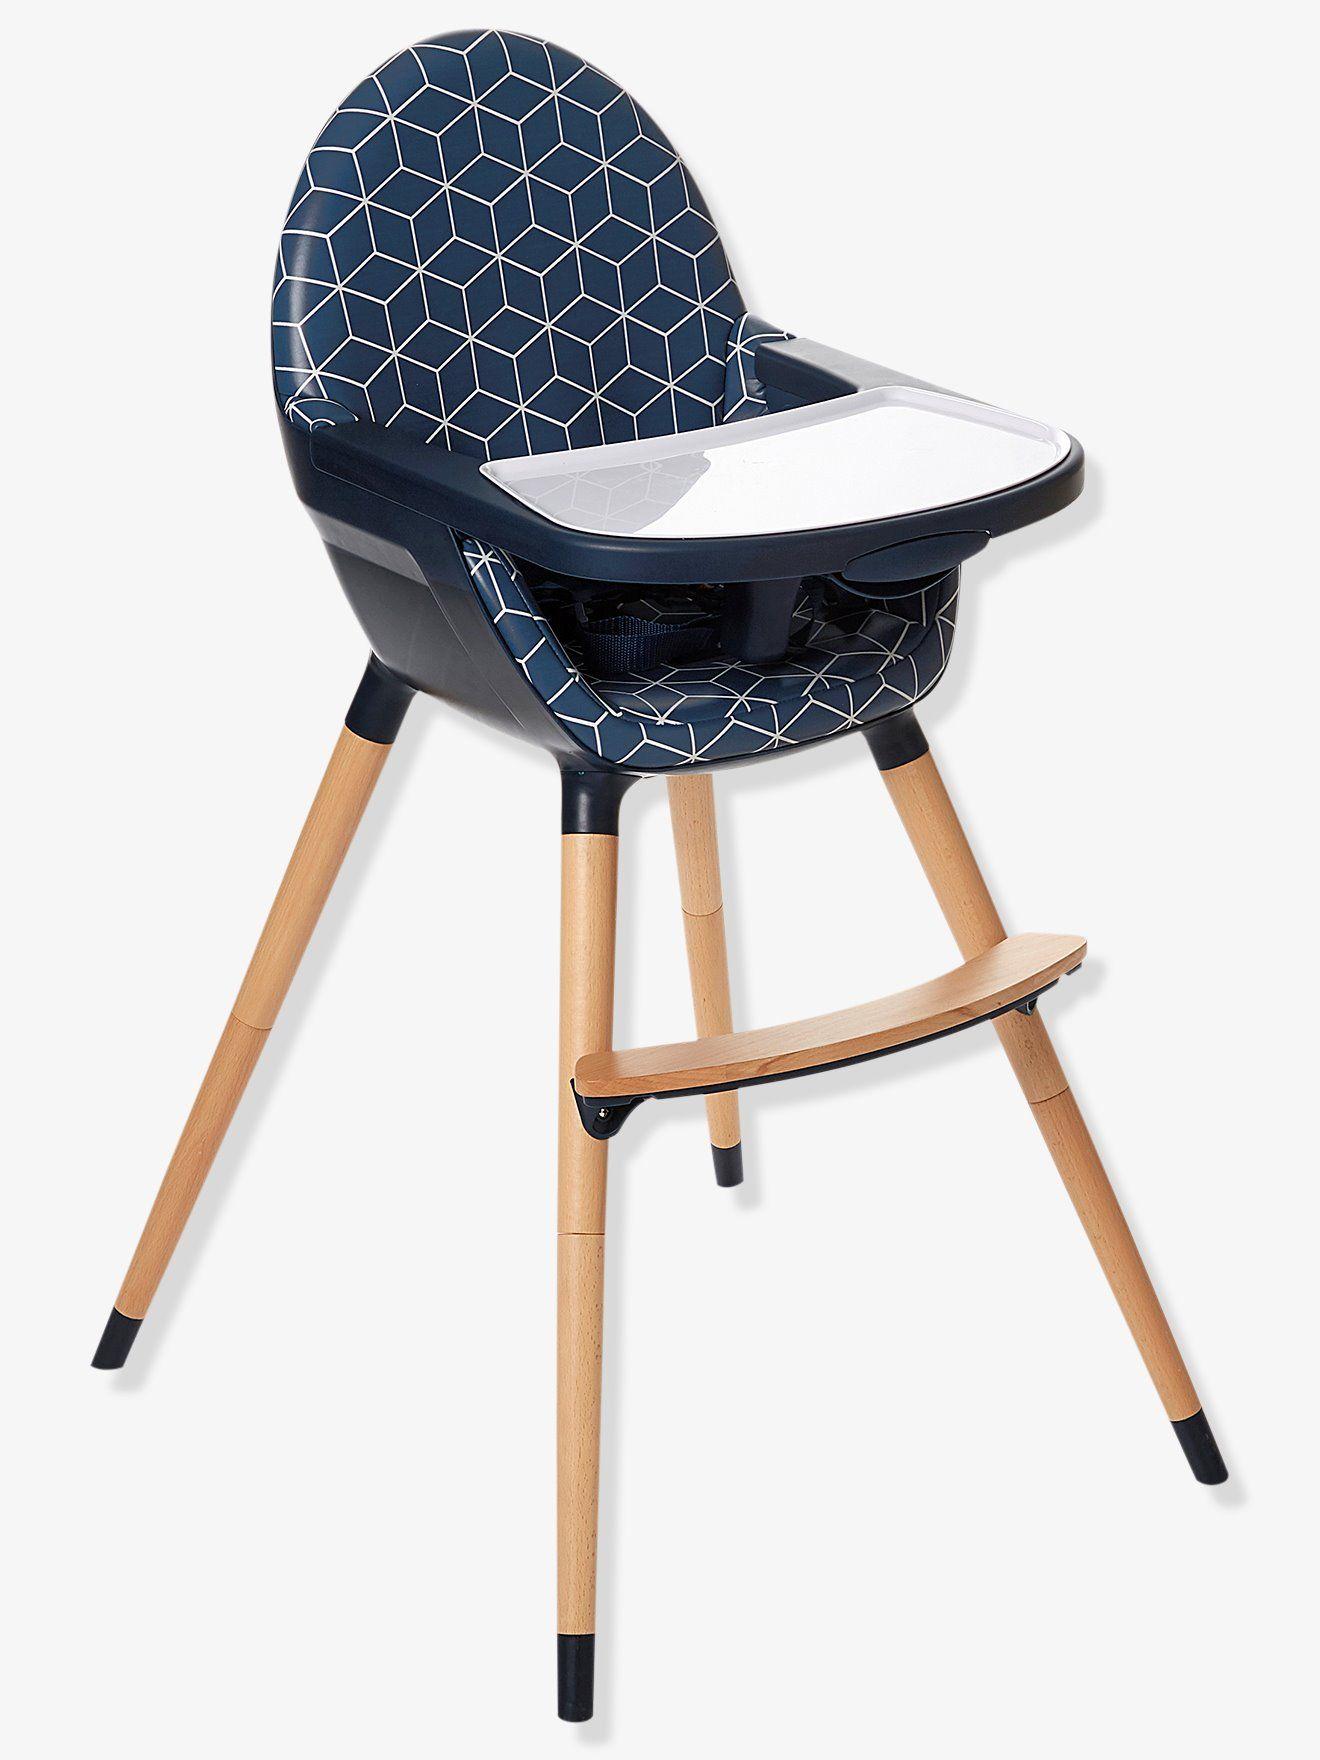 Chaise haute évolutive 2 hauteurs TopSeat bleu imprimé - Pratique et bien  pensée, cette chaise c60ab55eedb